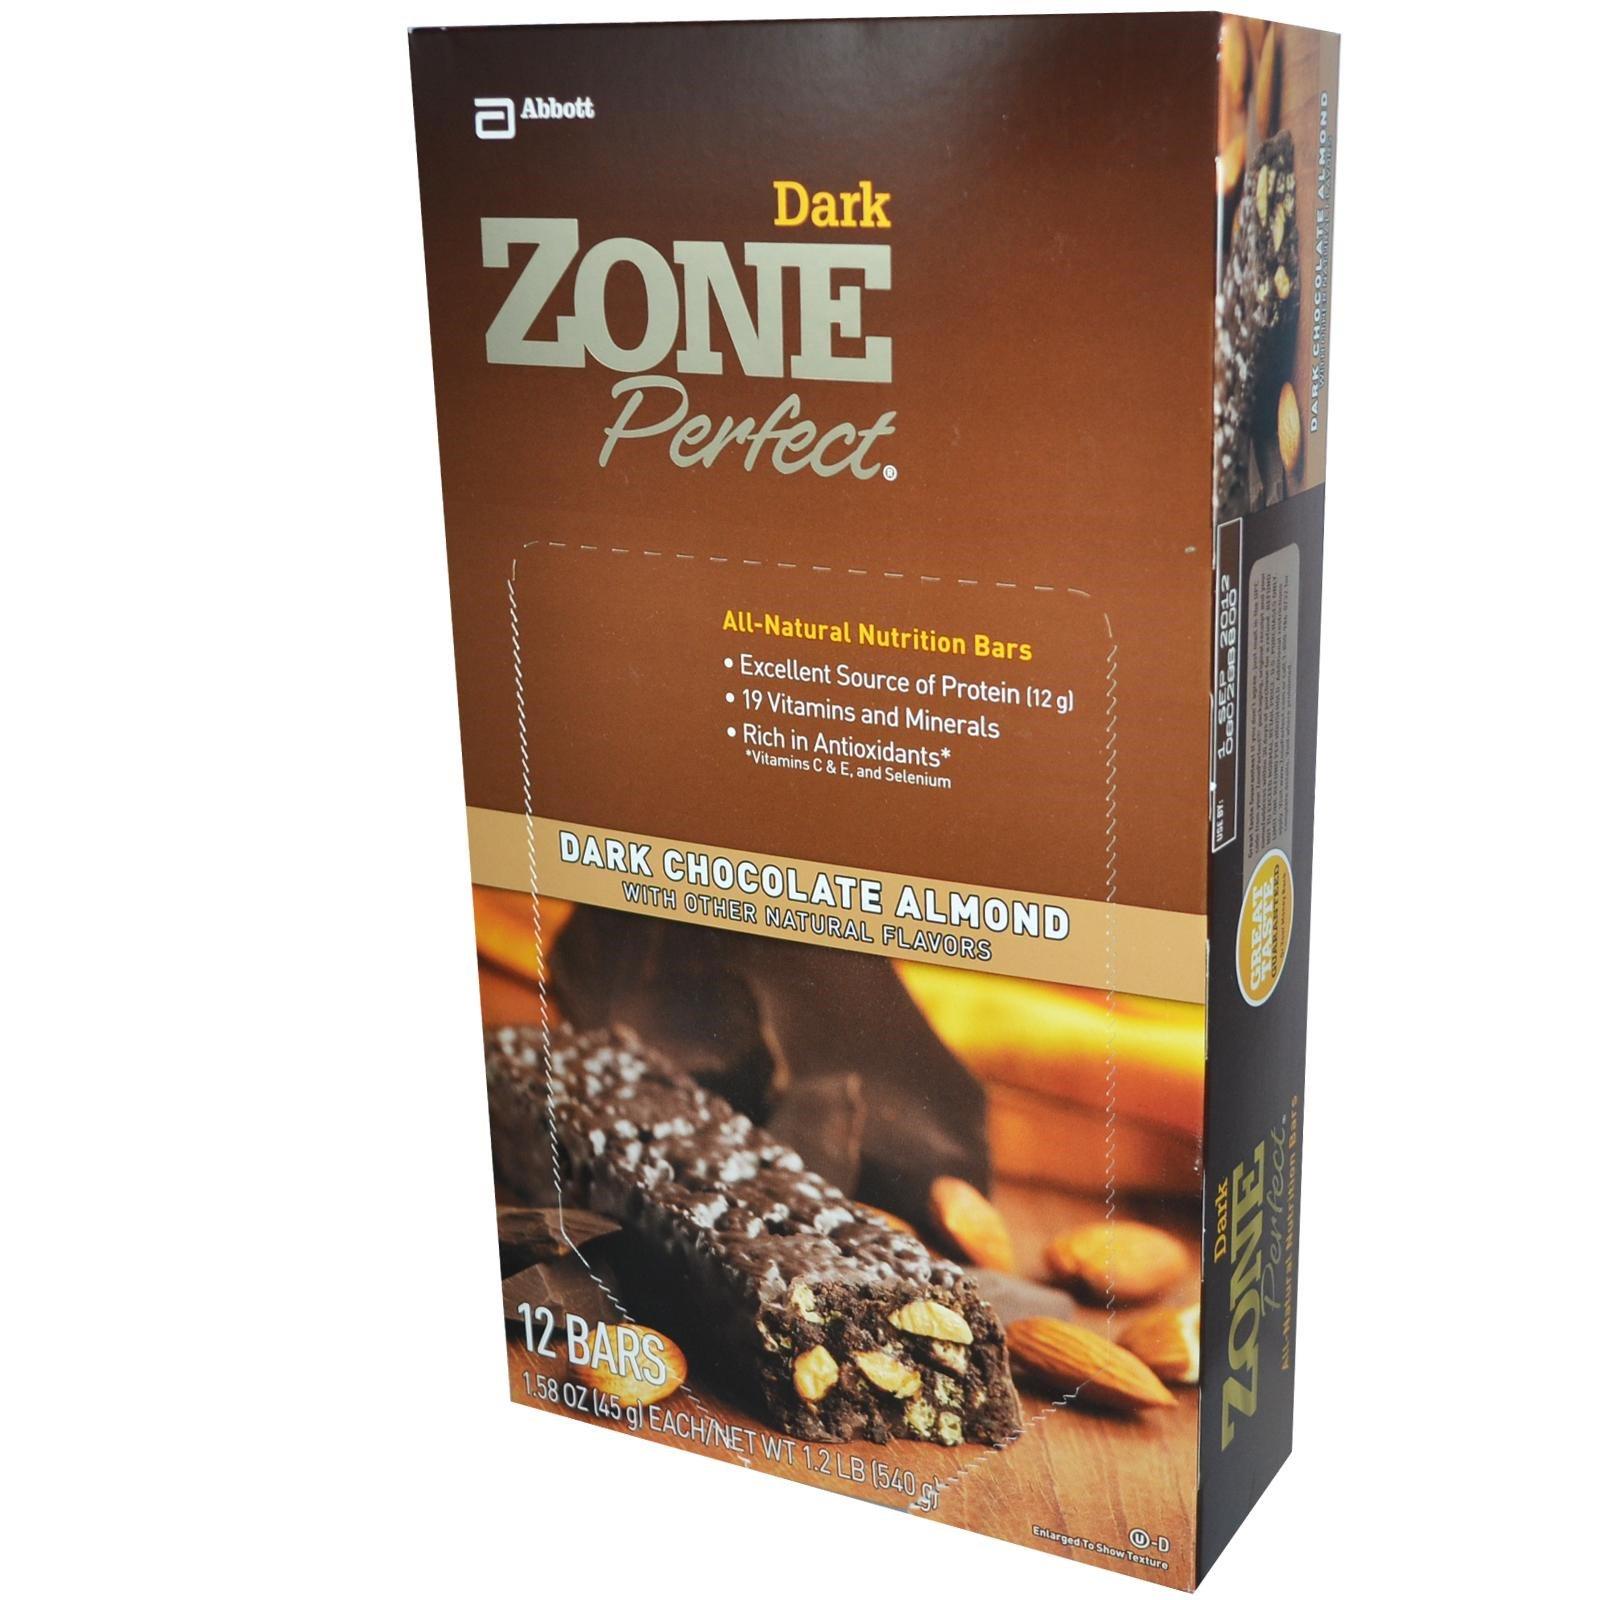 ZonePerfect, Темные, полностью натуральные питательные батончики, темный шоколад и миндаль, 12 батончиков, по 1,58 унции (45 г) каждый